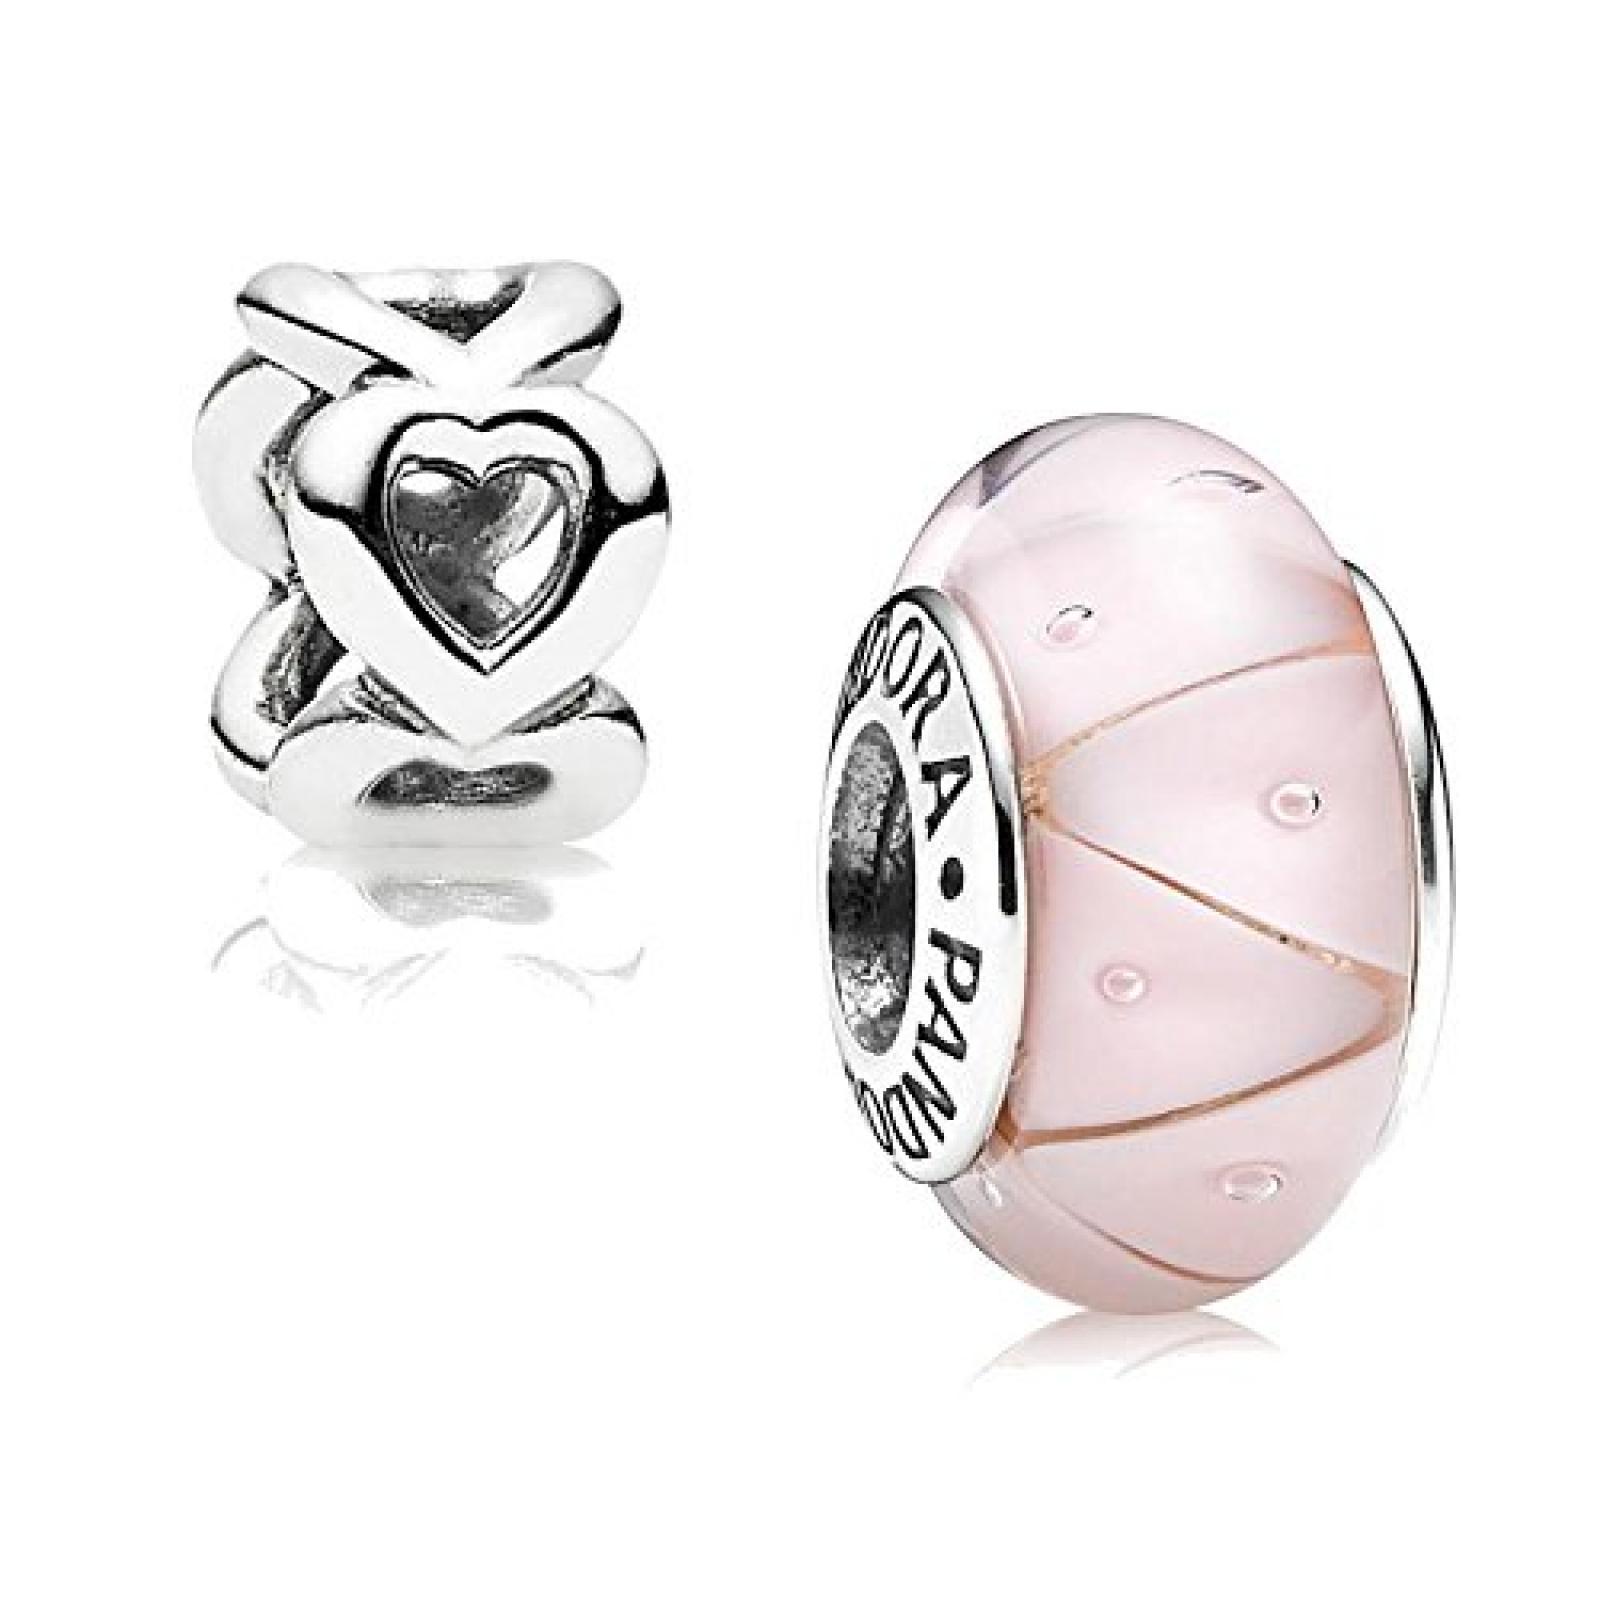 Original Pandora Geschenkset - 1 Silber Muranoglas Element Zick-Zack Rosa 790922 und 1 Silber Zwischenelement Offene Herzen 790454